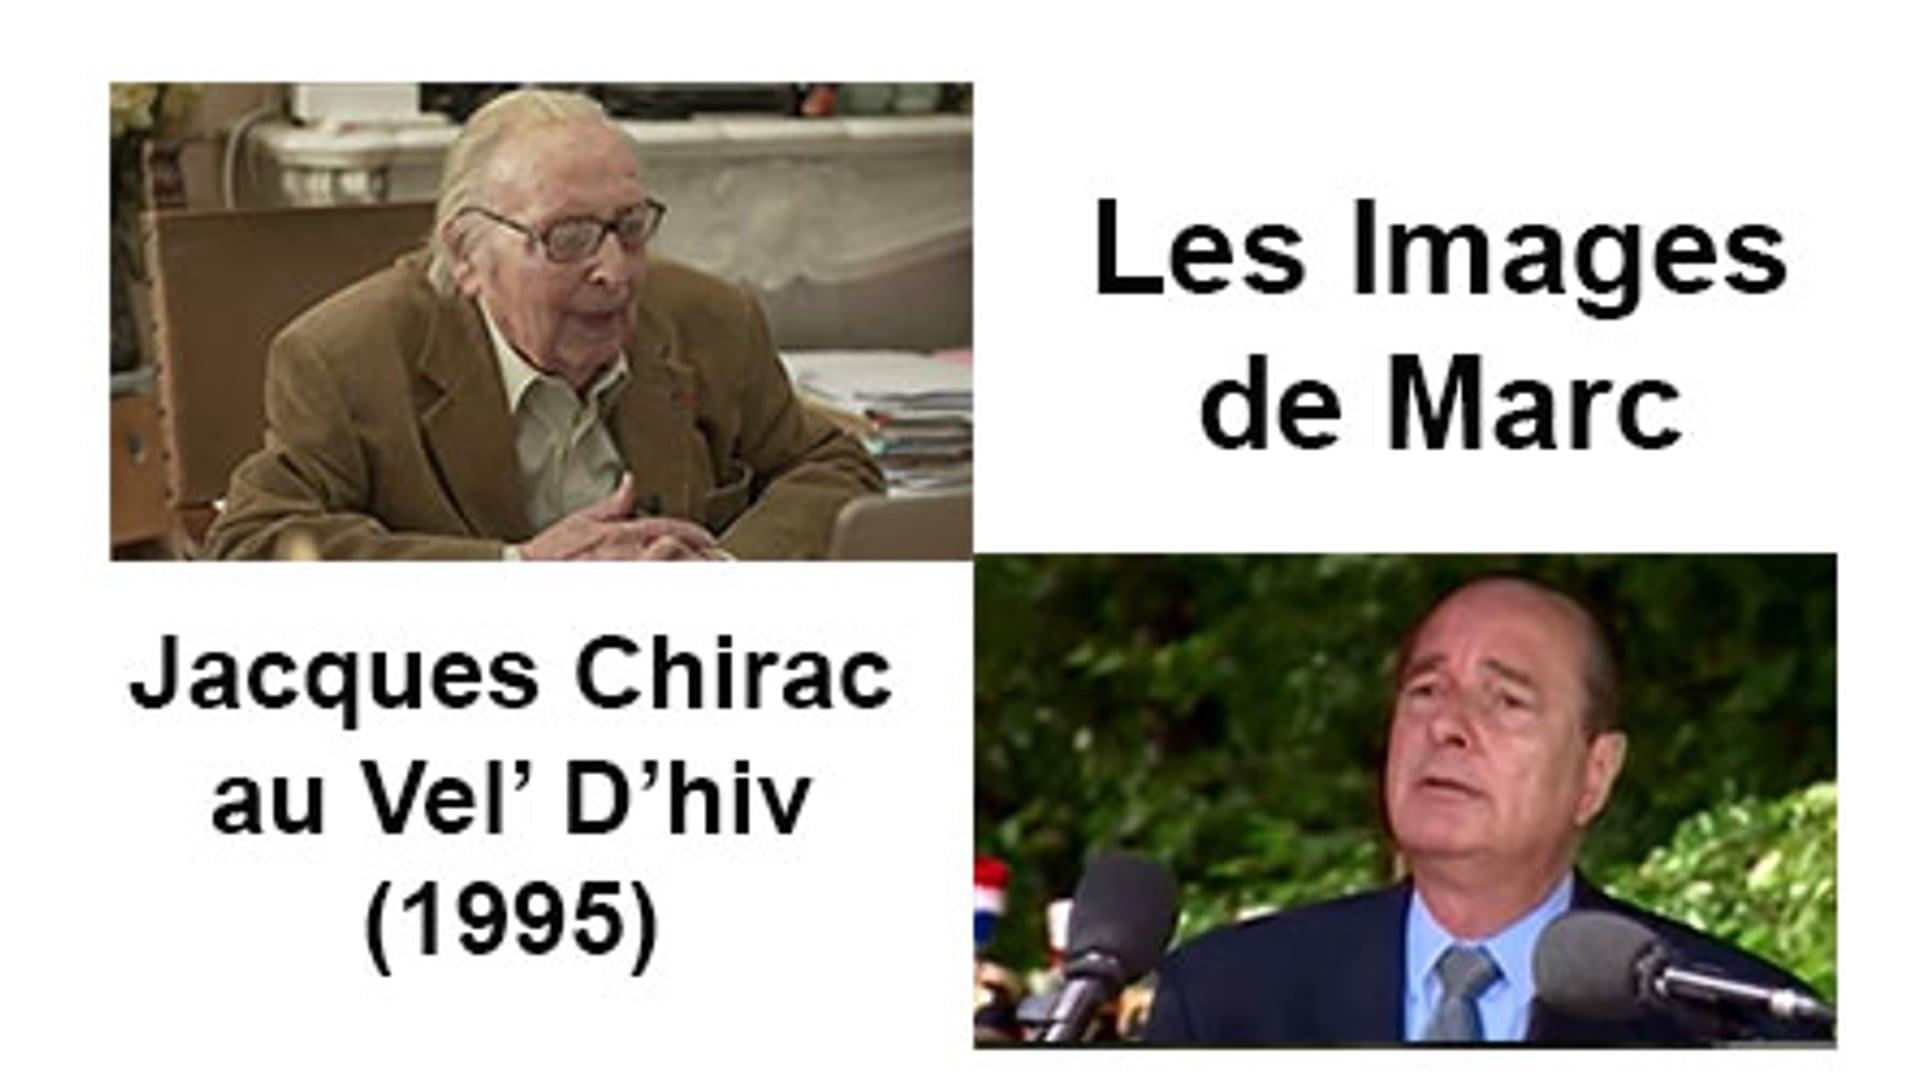 Jacques Chirac au Vel' D'hiv (1995)